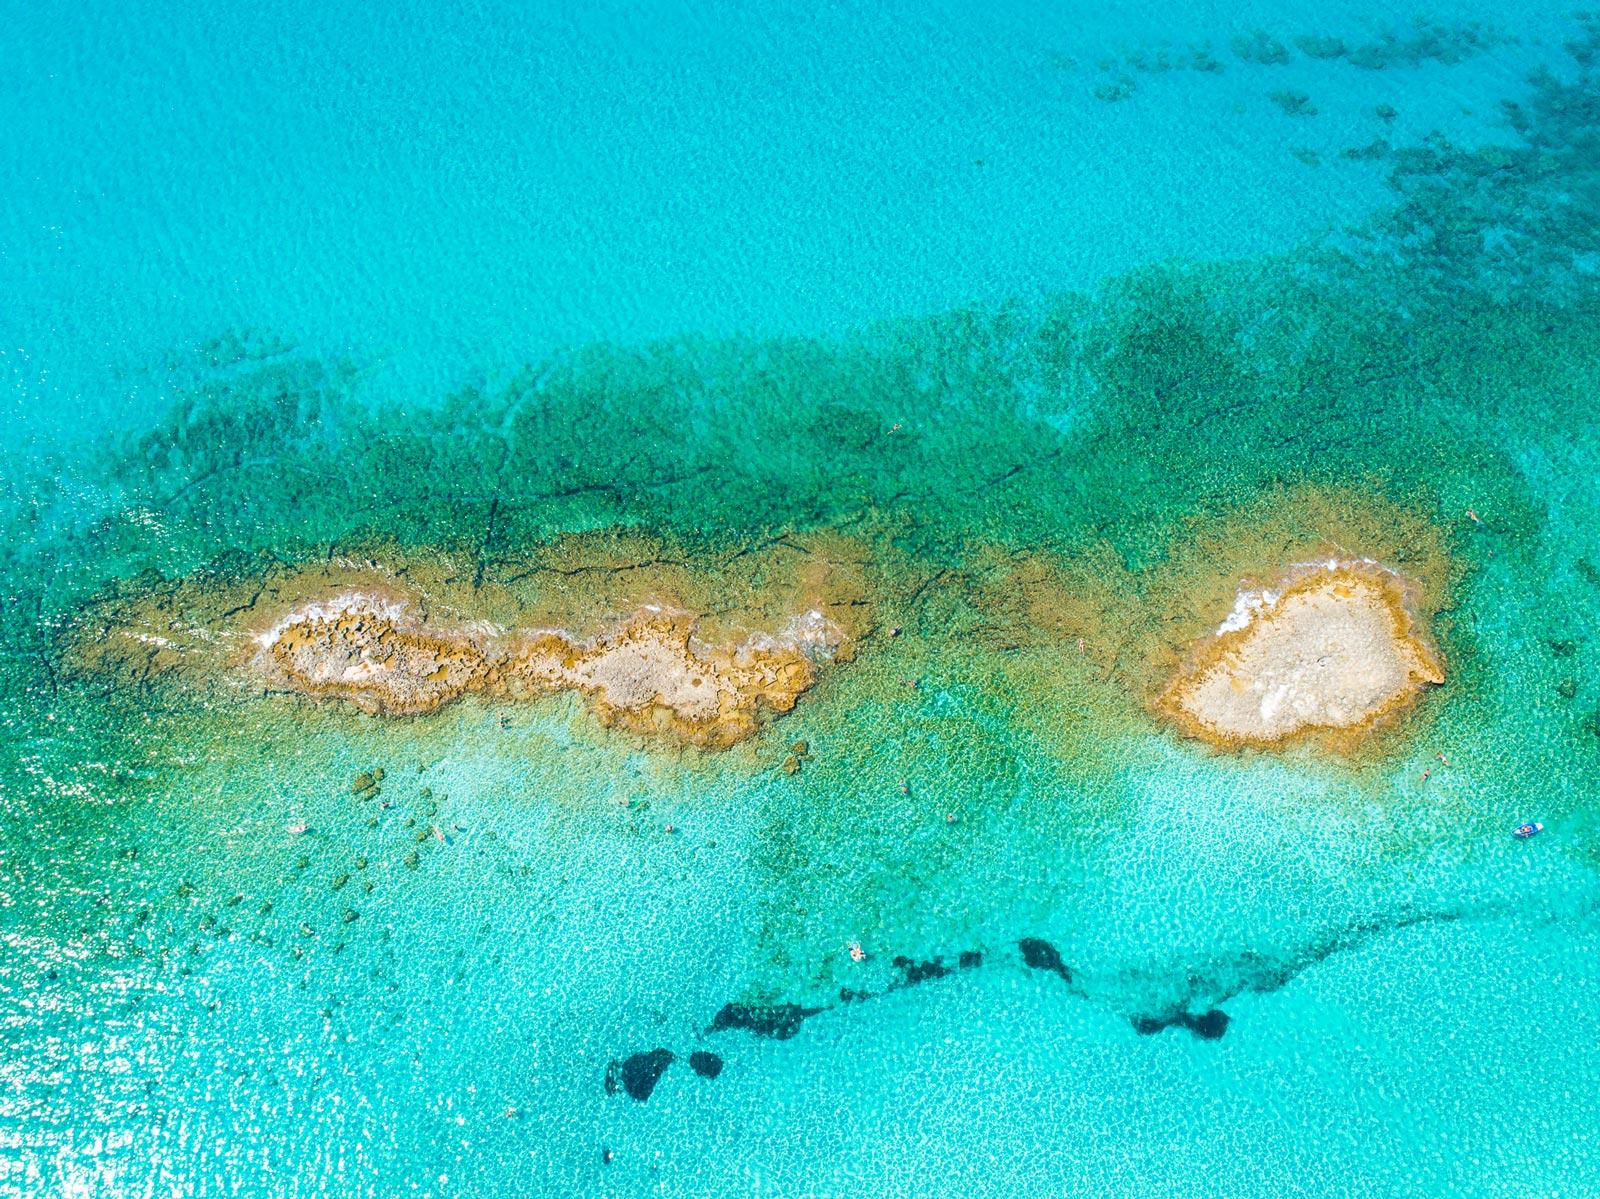 https://www.orlandinifrancesco.com/wp/wp-content/uploads/2019/02/Parco-dei-Principi-Viste-Drone-24.jpg